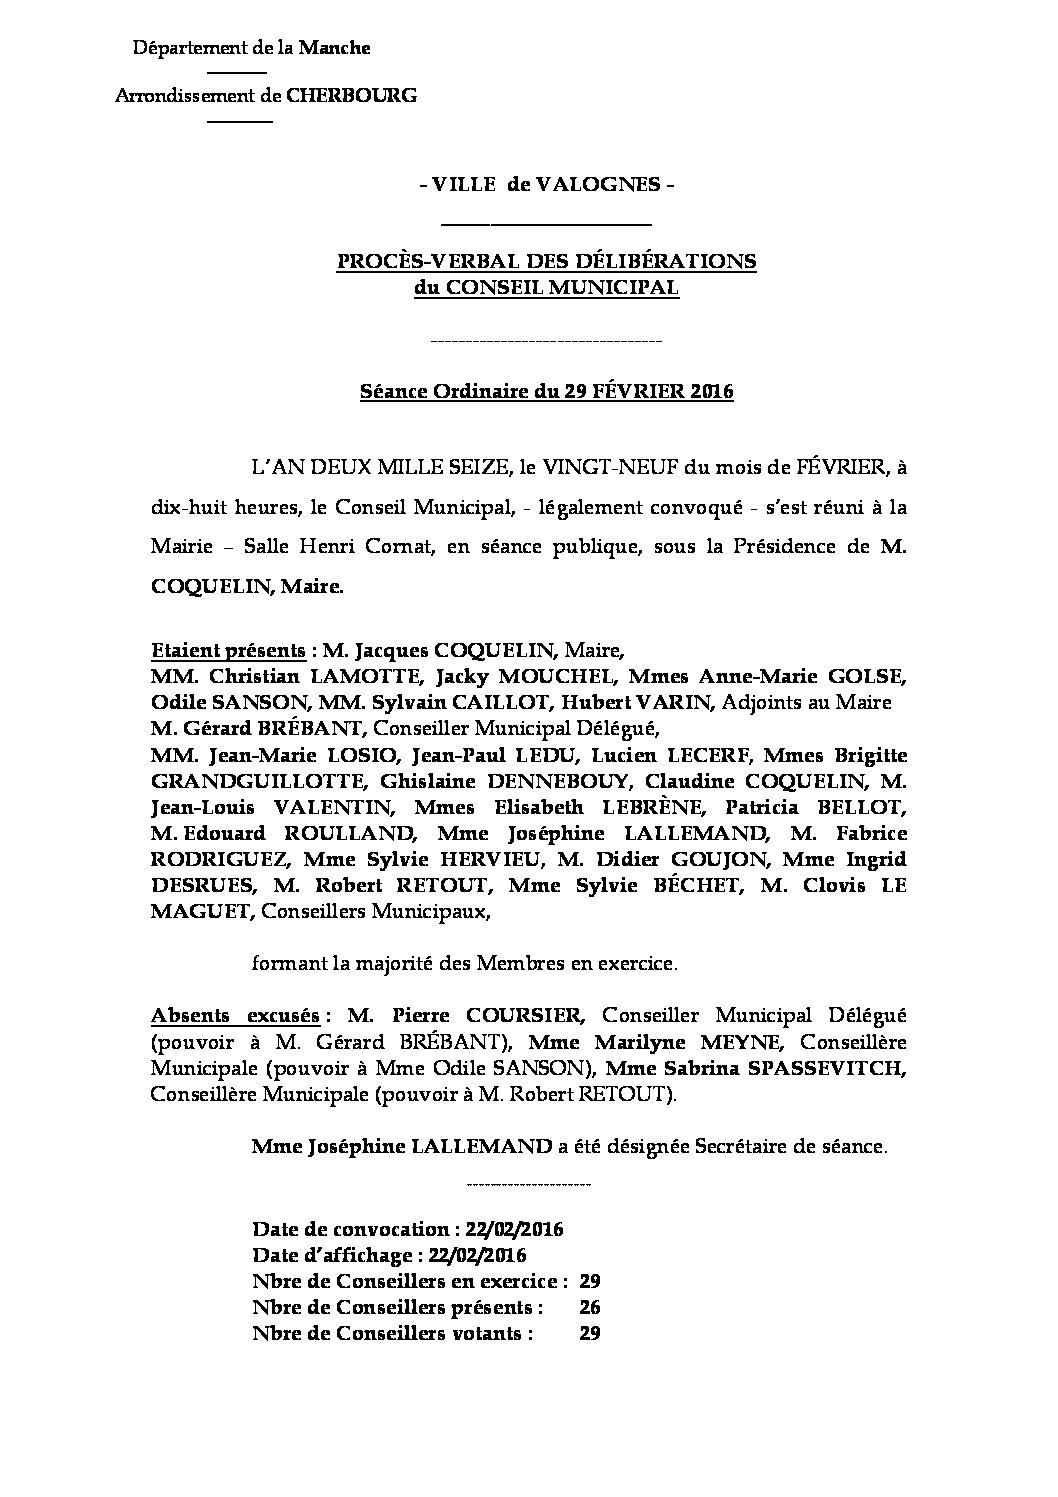 Procès-verbal du 29-02-2016 - procès-verbal de la réunion du Conseil Municipal du 29 février 2016, approuvé à l